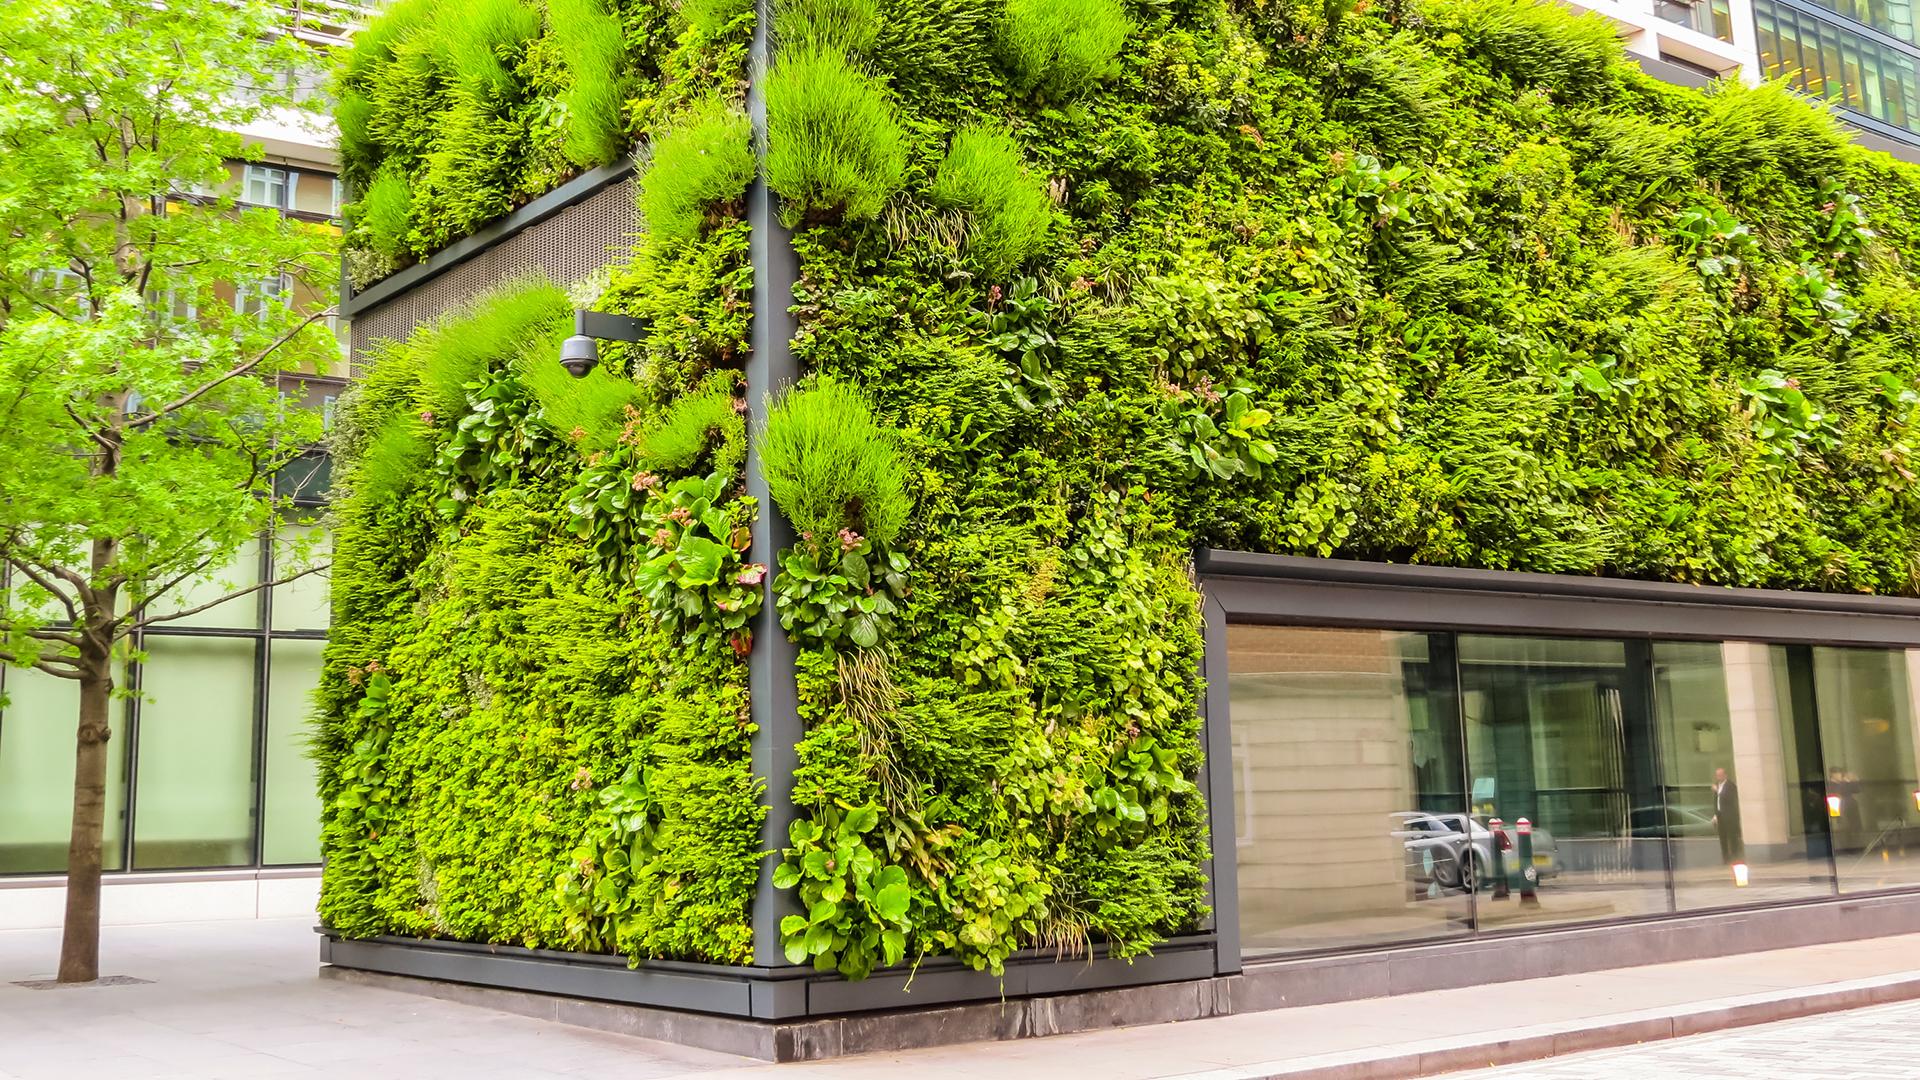 PARMENAS Finanzierung - Moderne Städte werden lebenswert und nachhaltig